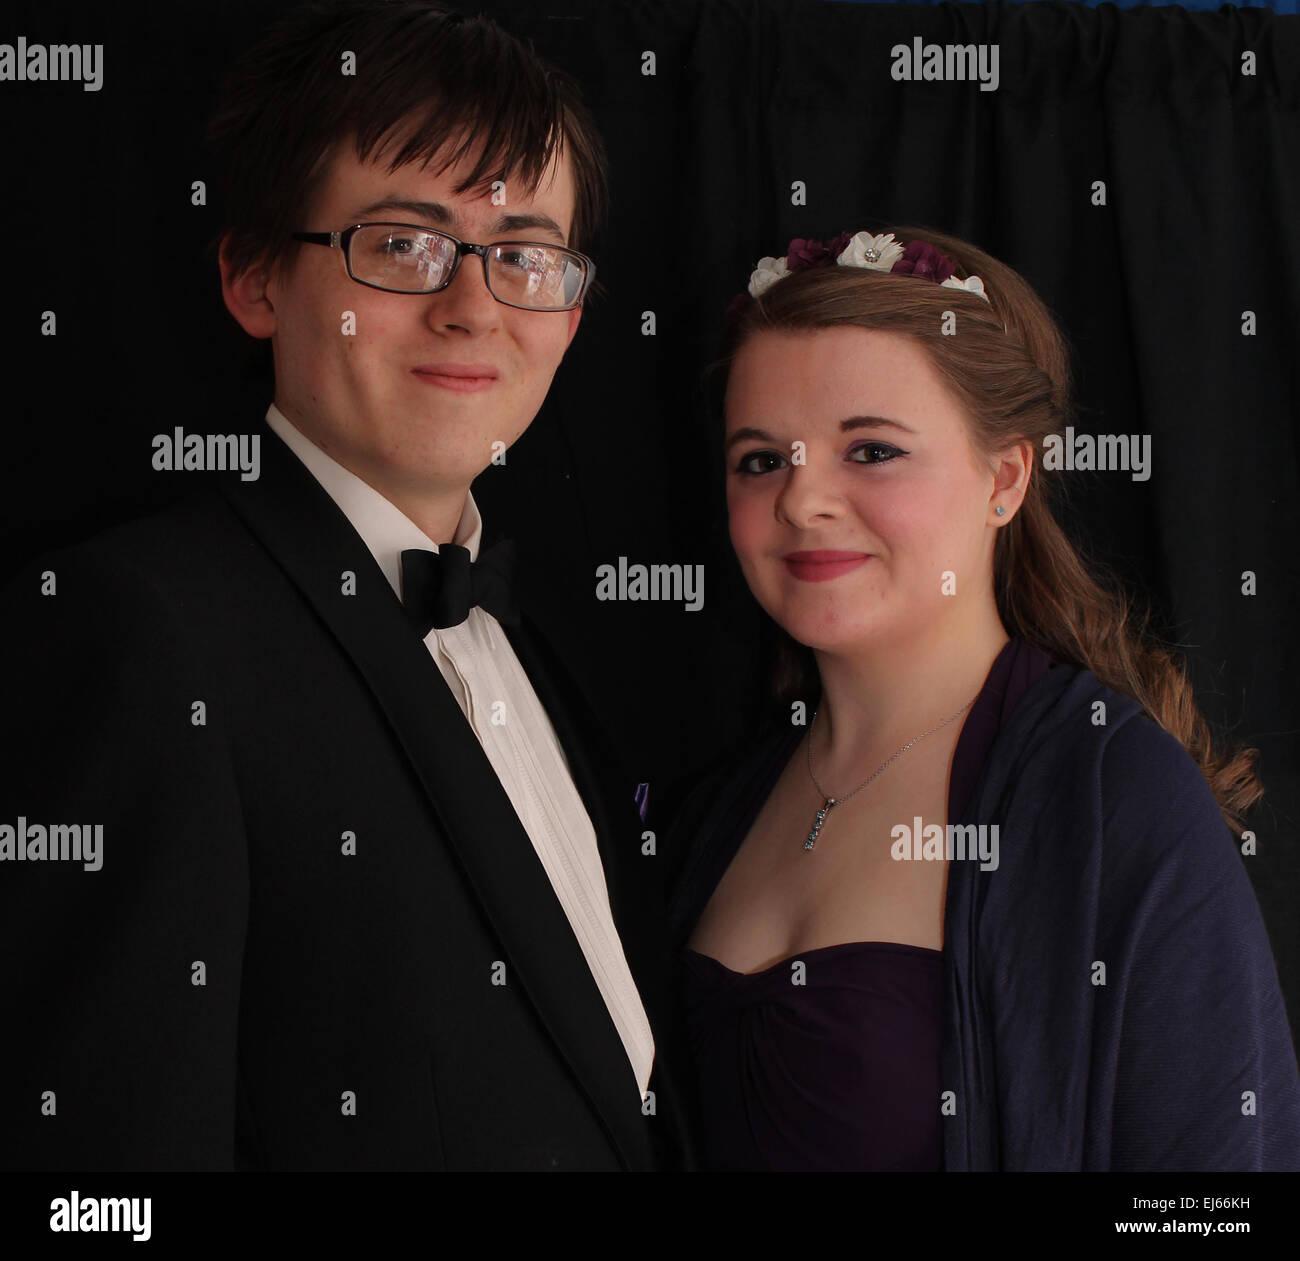 Prom date in Perth